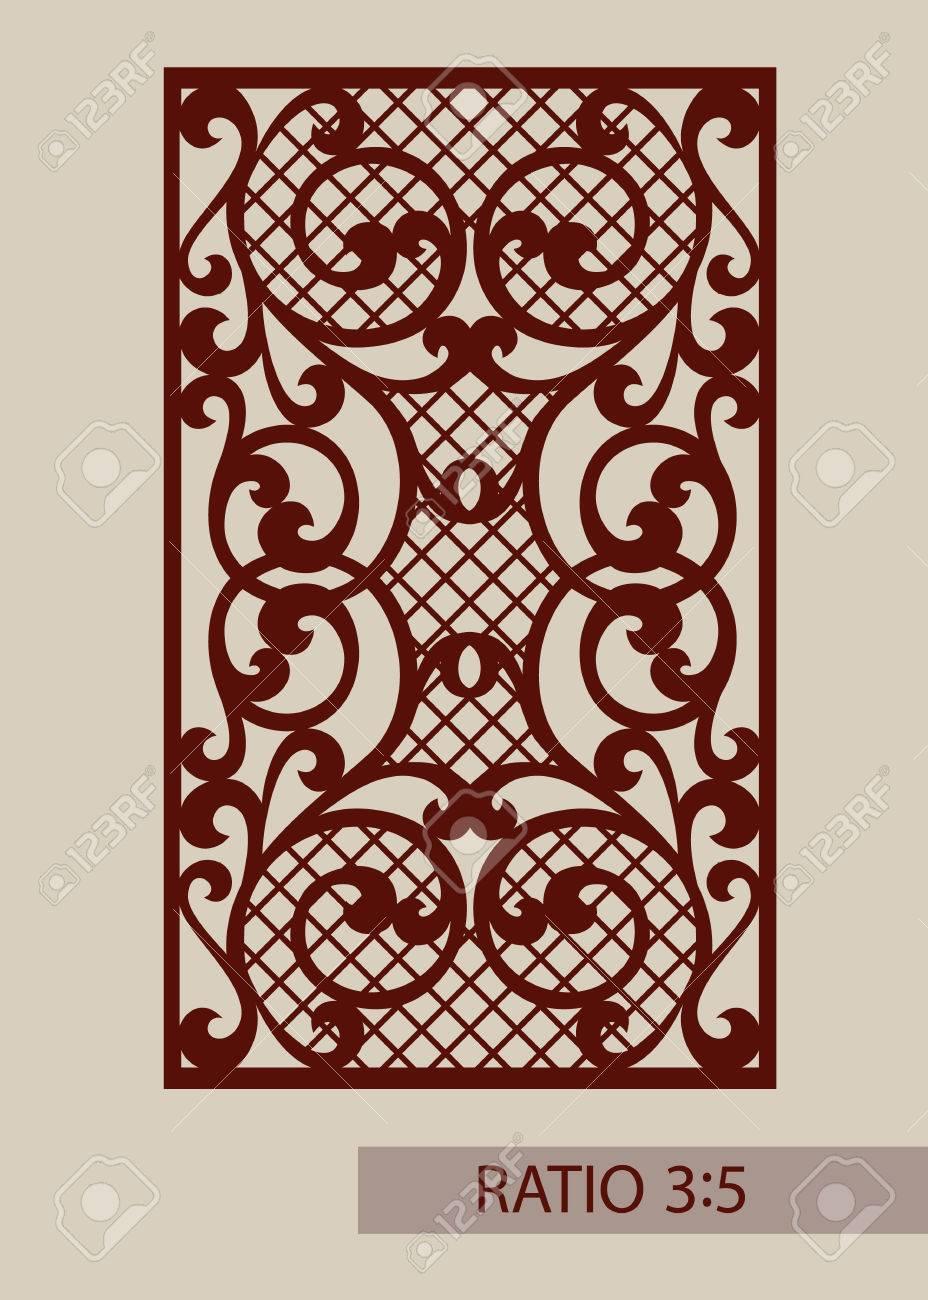 plantilla para los paneles decorativos la imagen es adecuada para